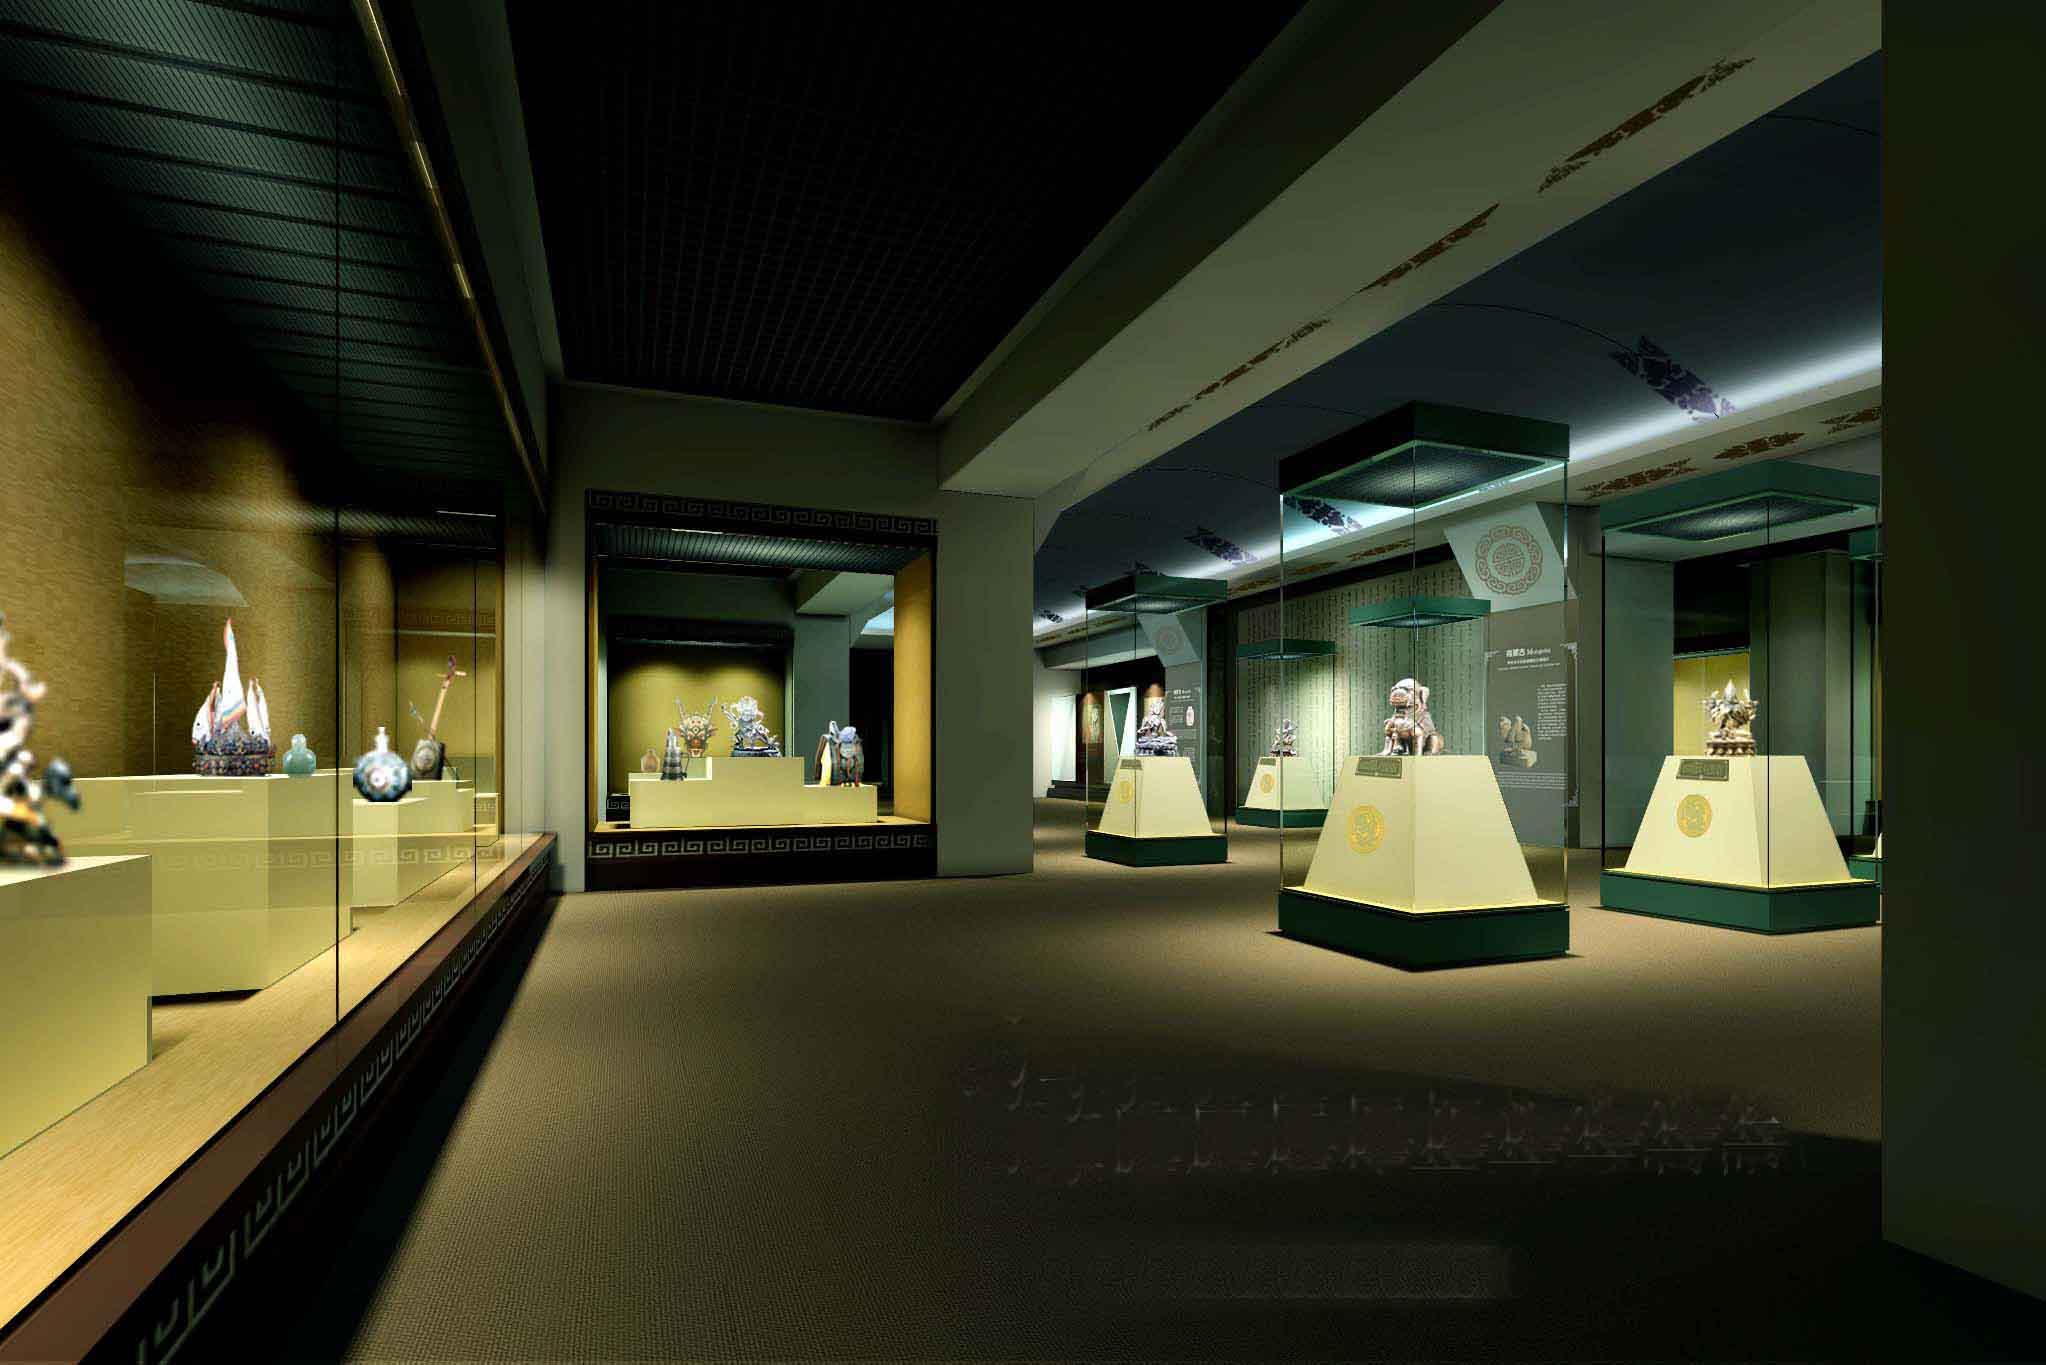 古玩展柜系列 展览馆室内装修设计注意哪些 概念设计上怎